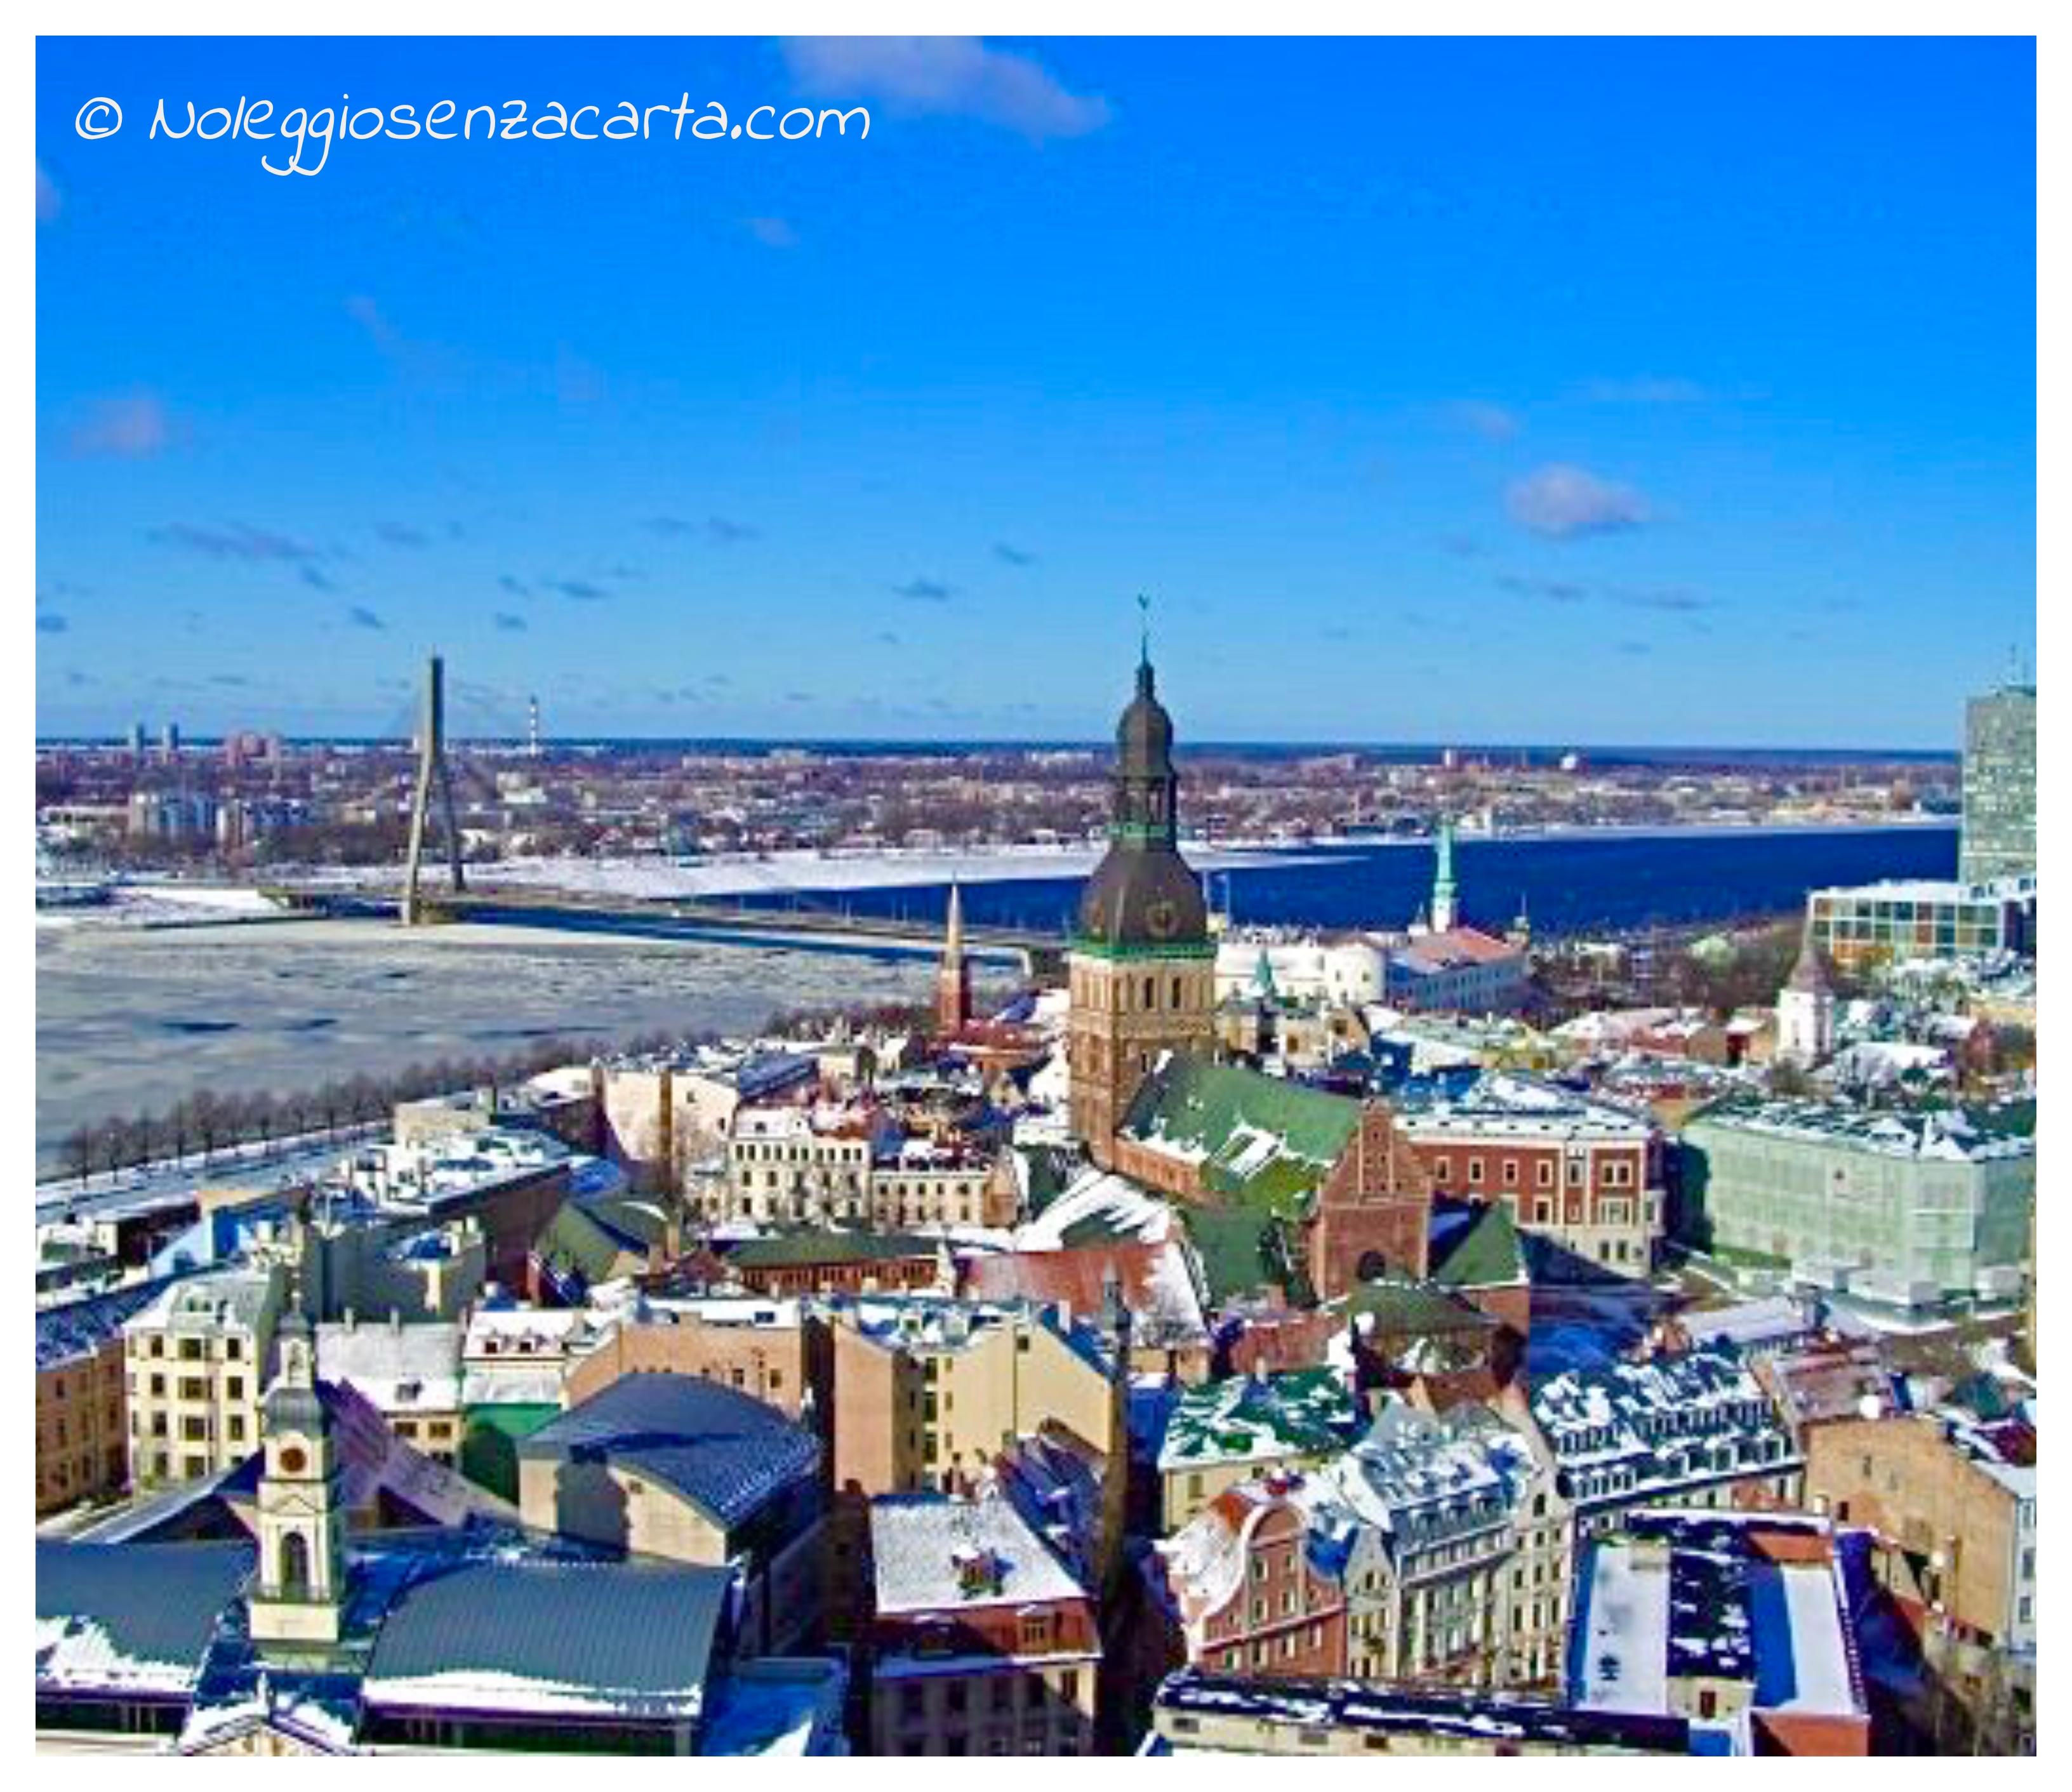 Alquiler coche sin tarjeta de crédito en Riga – Letonia